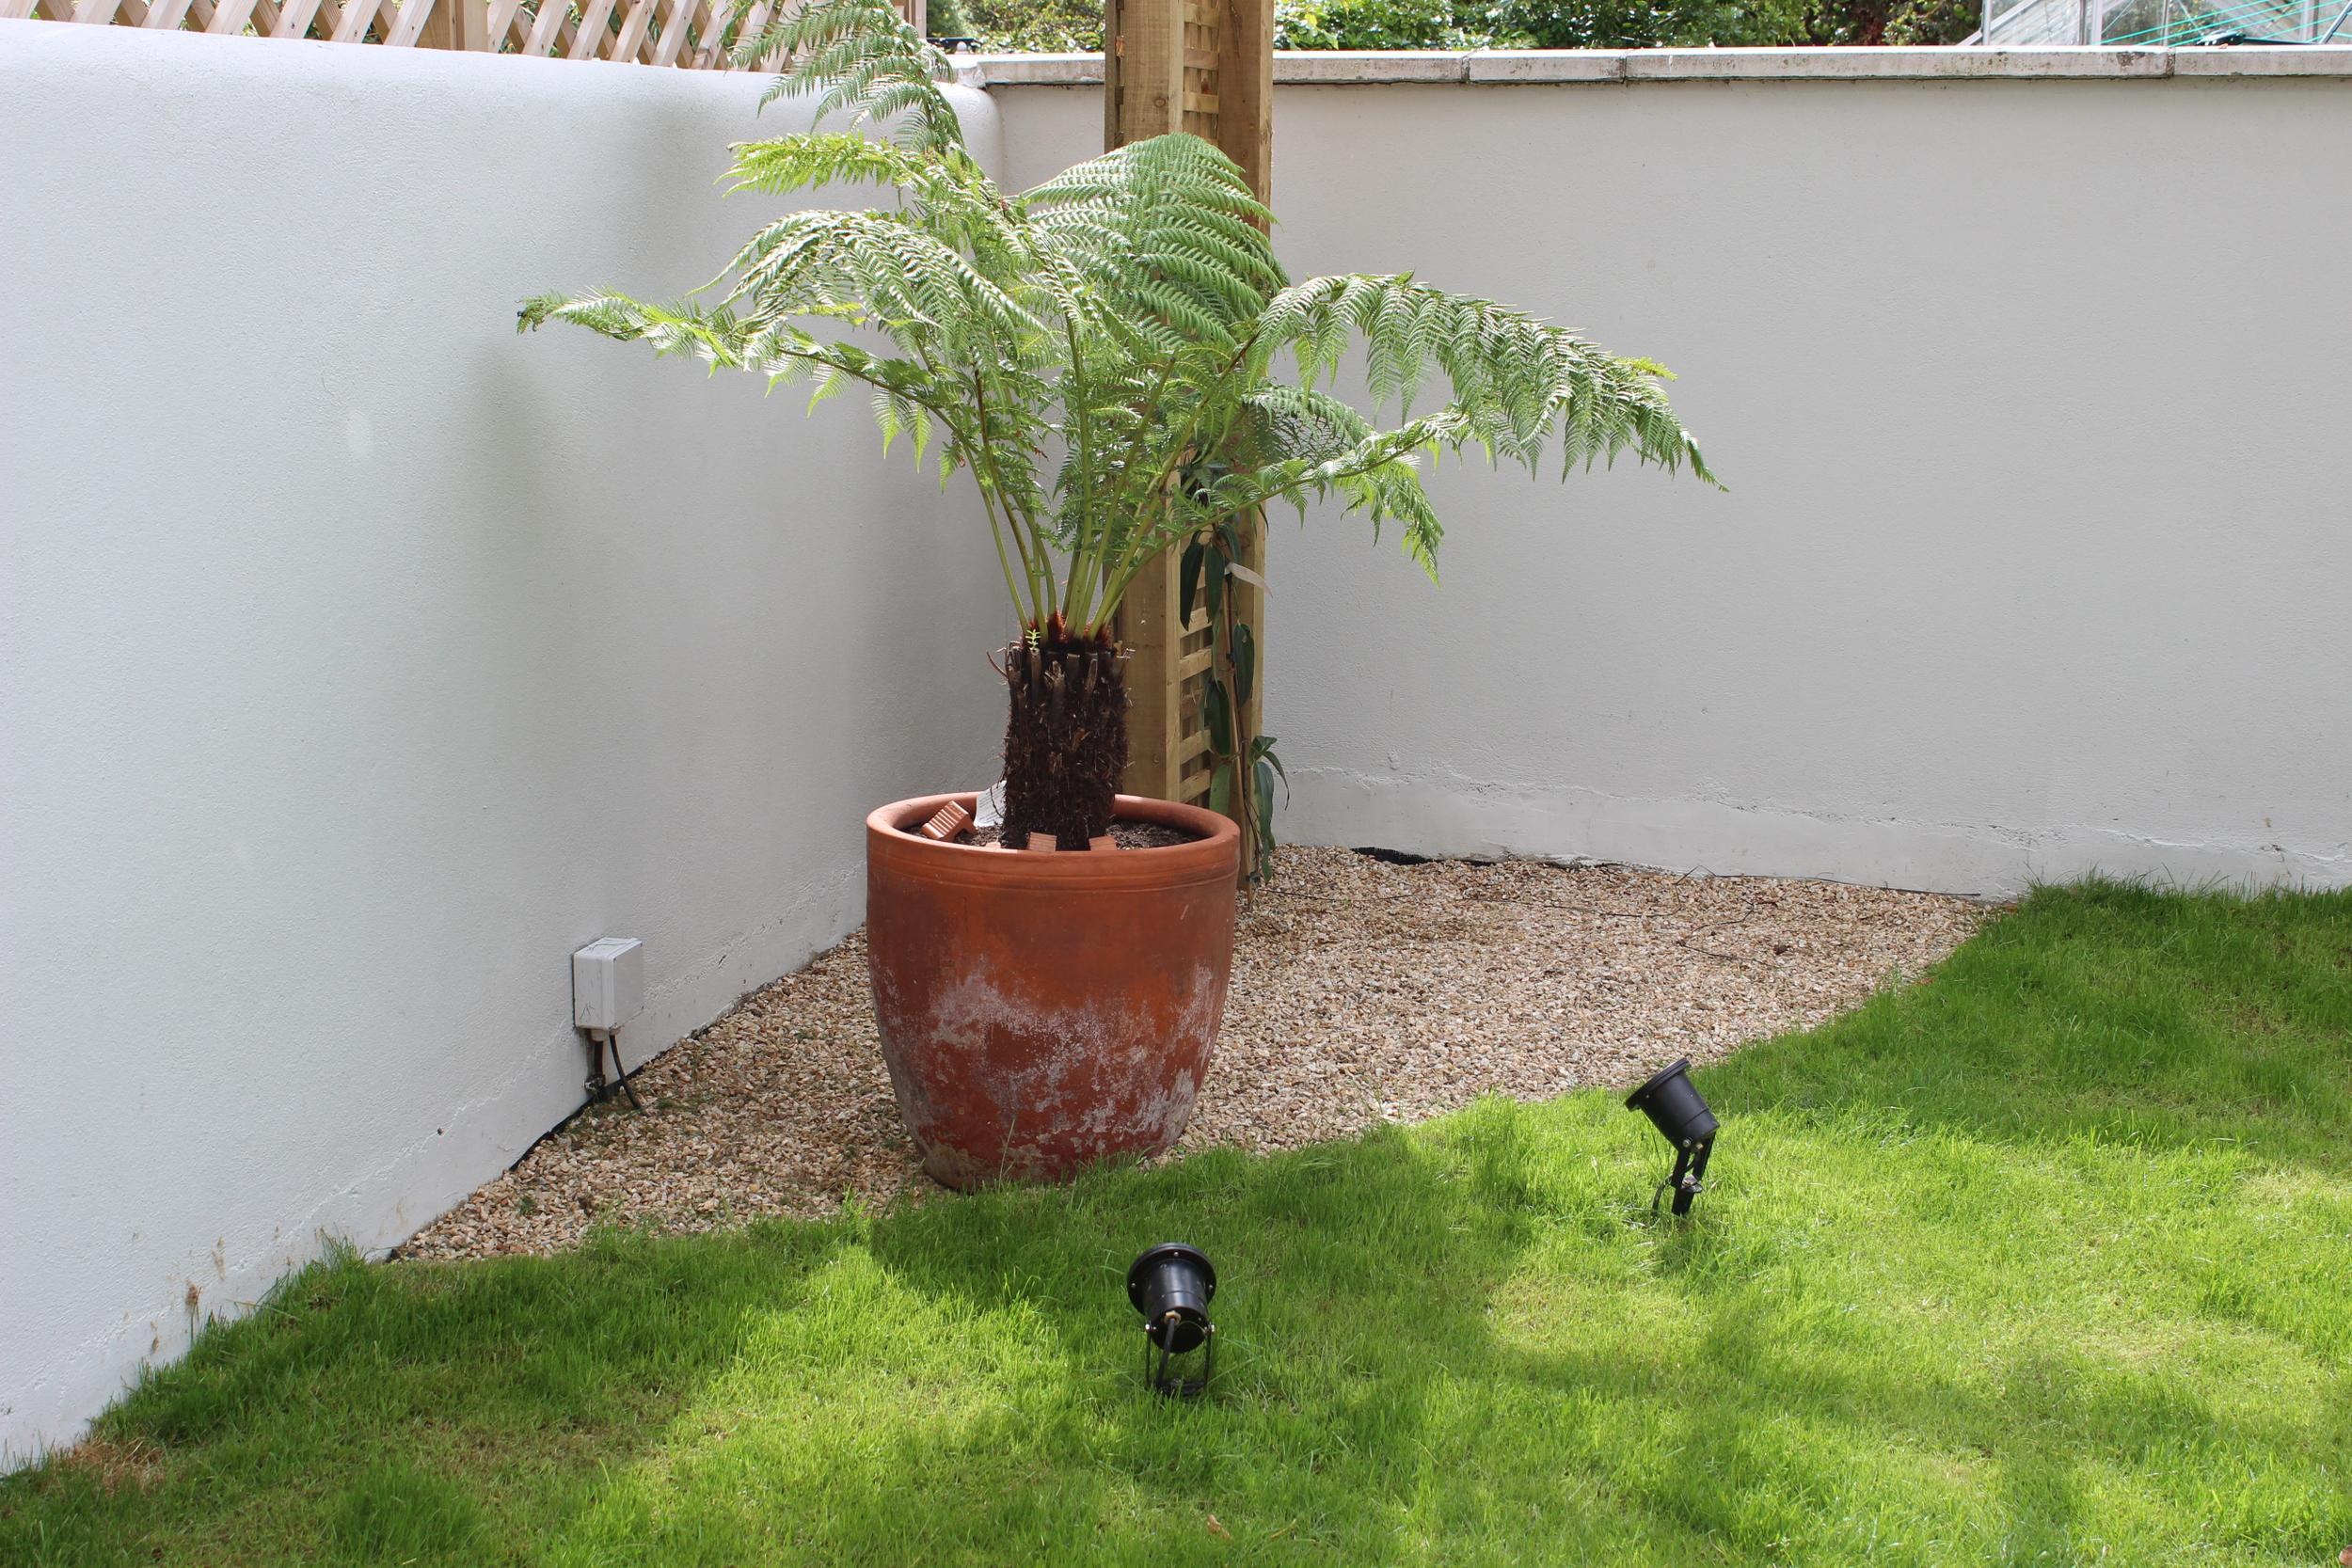 Planted fern